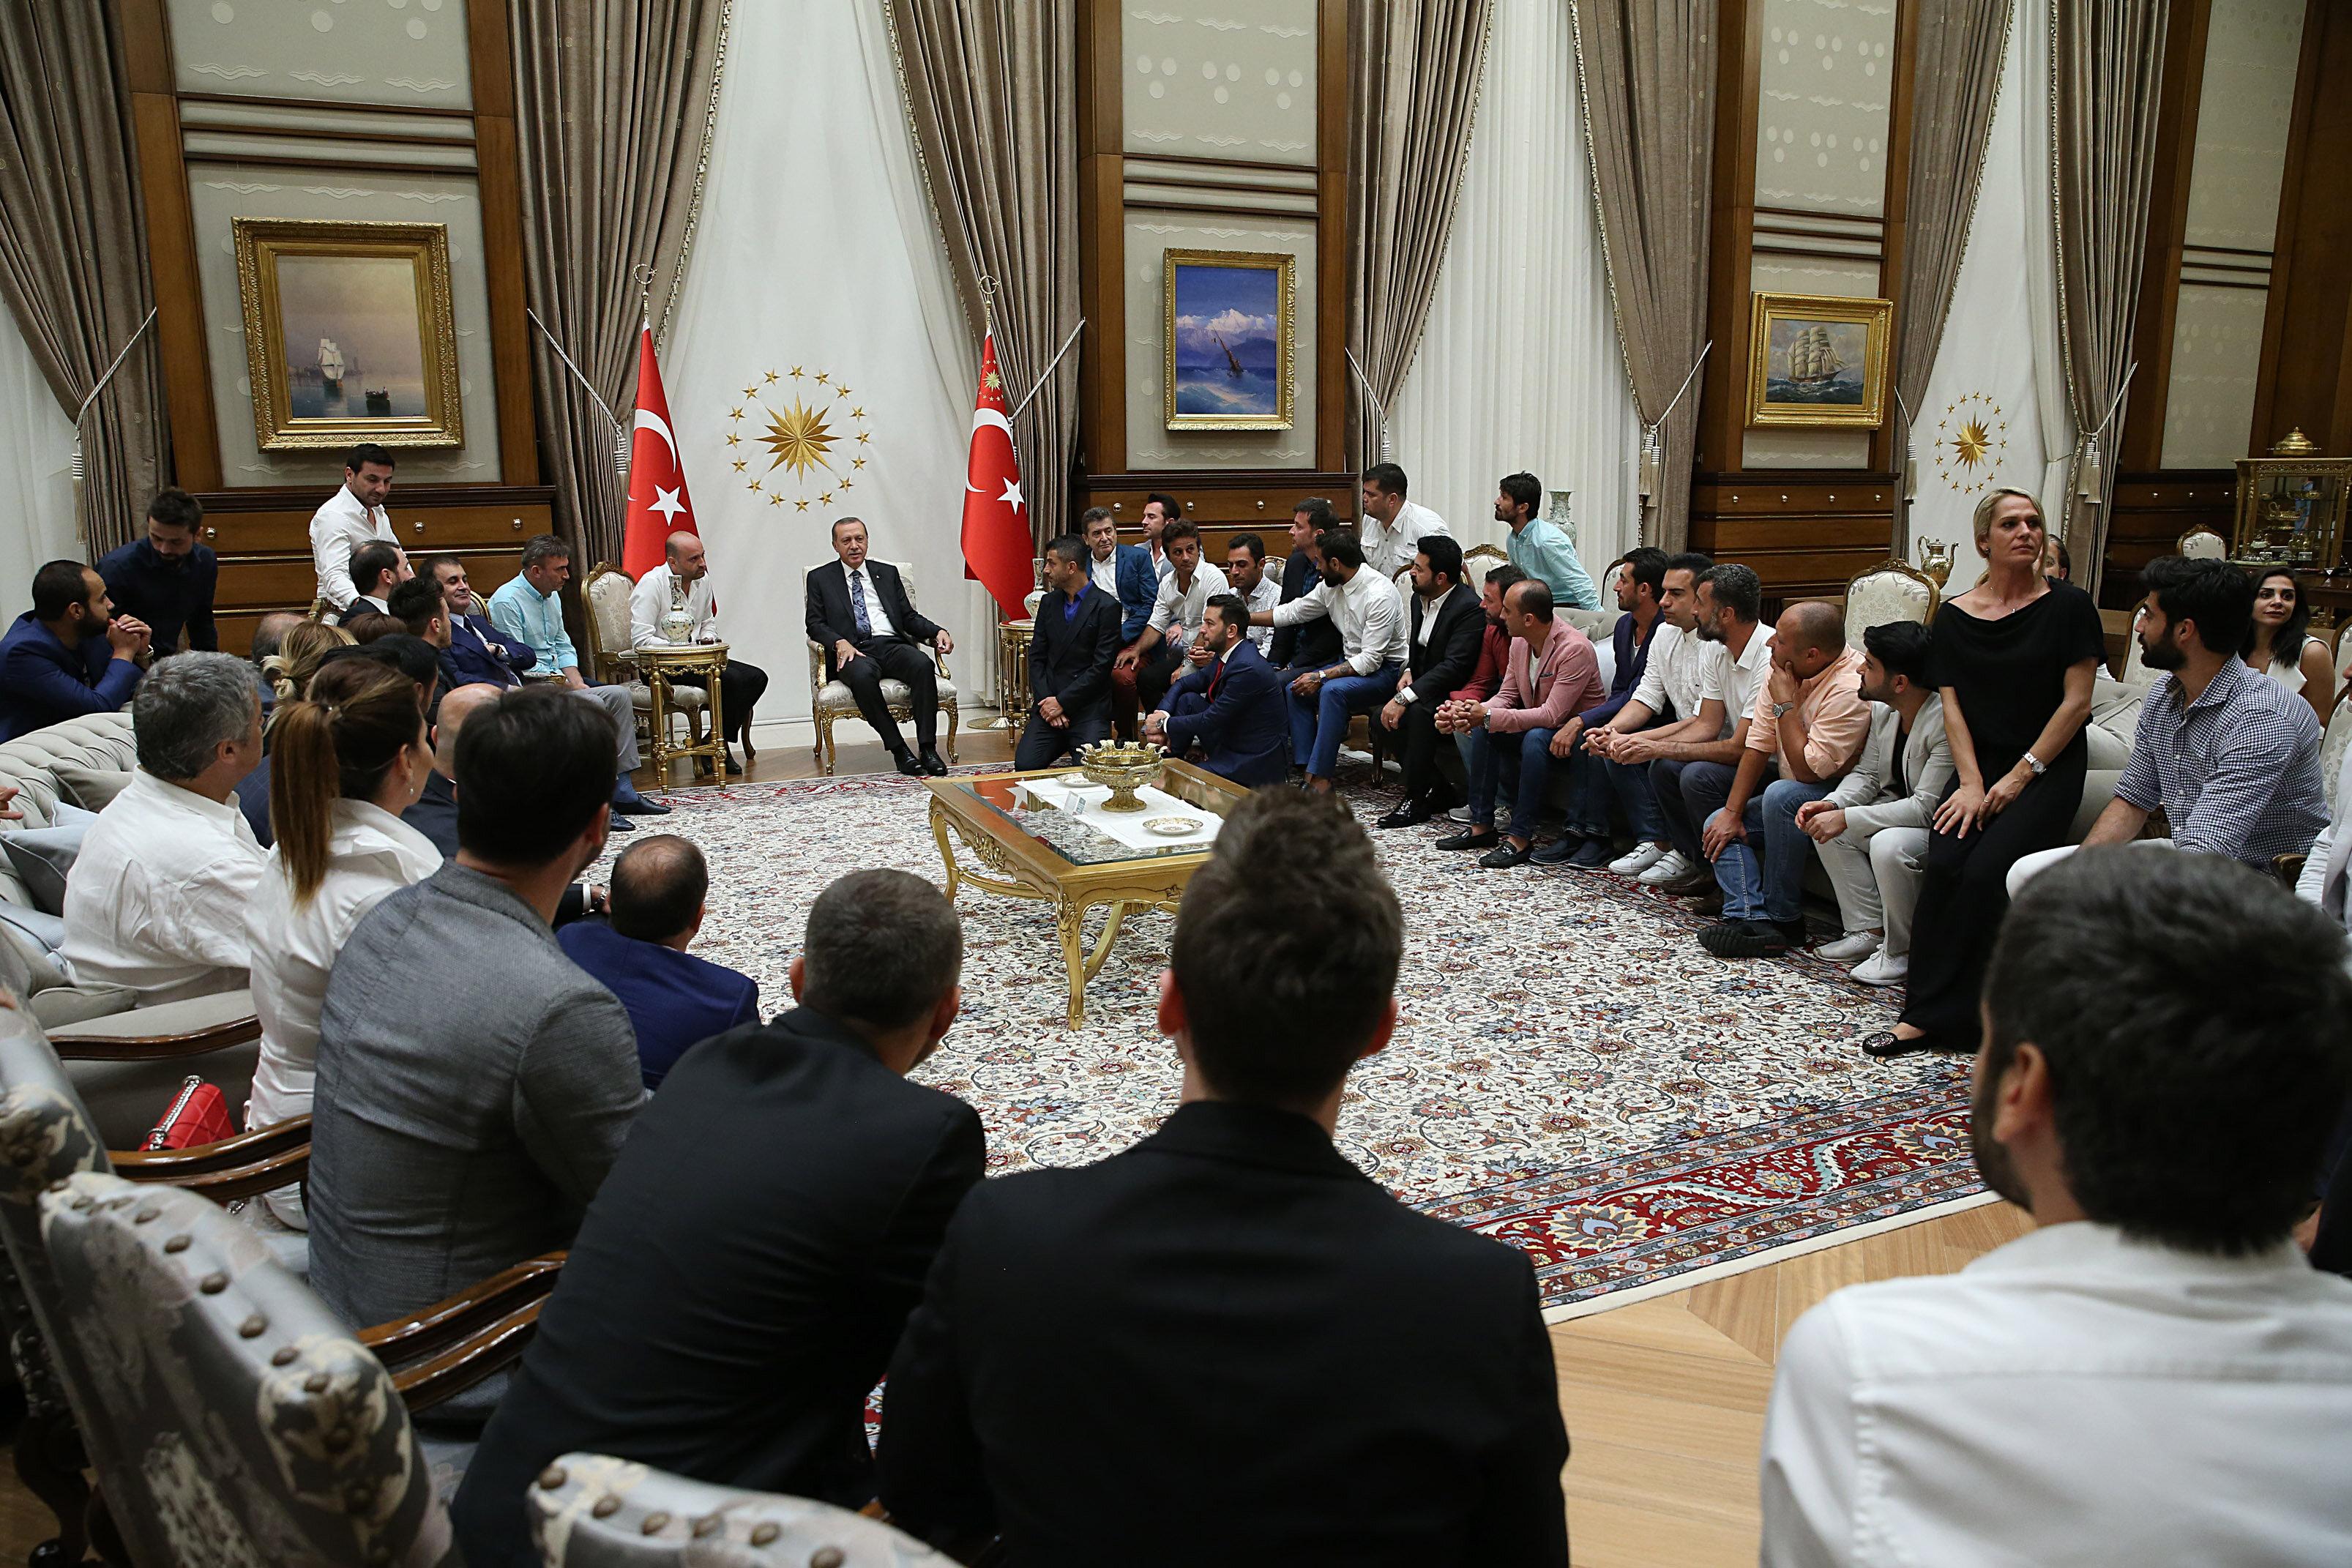 Cumhurbaşkanı Erdoğan ünlüler ile bir süre sohbet etti.